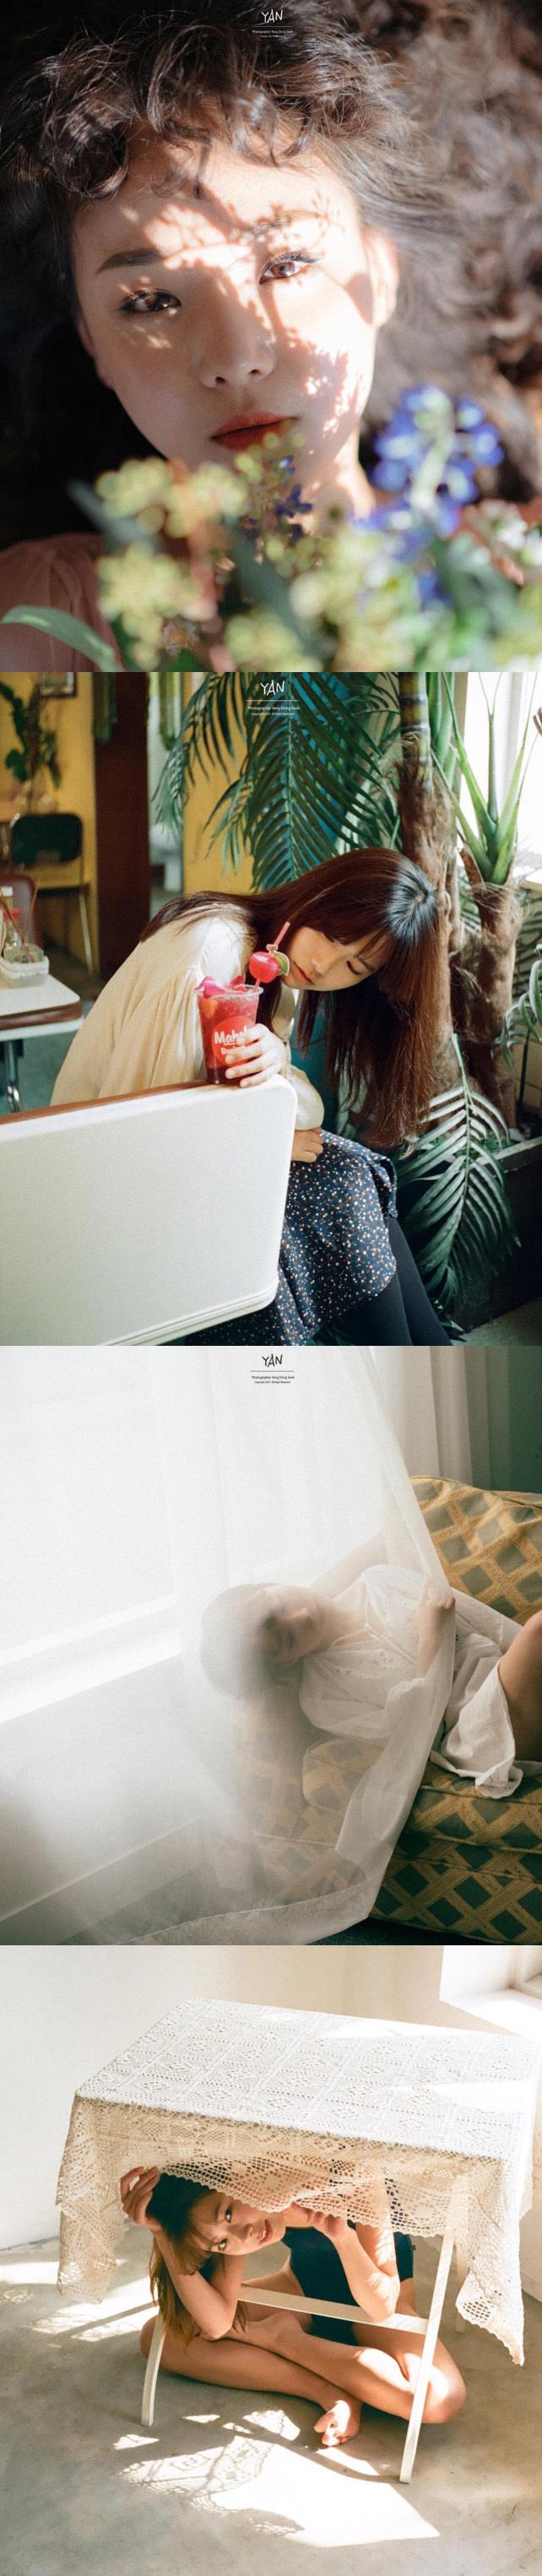 韩国摄影师yan镜头下的少女们